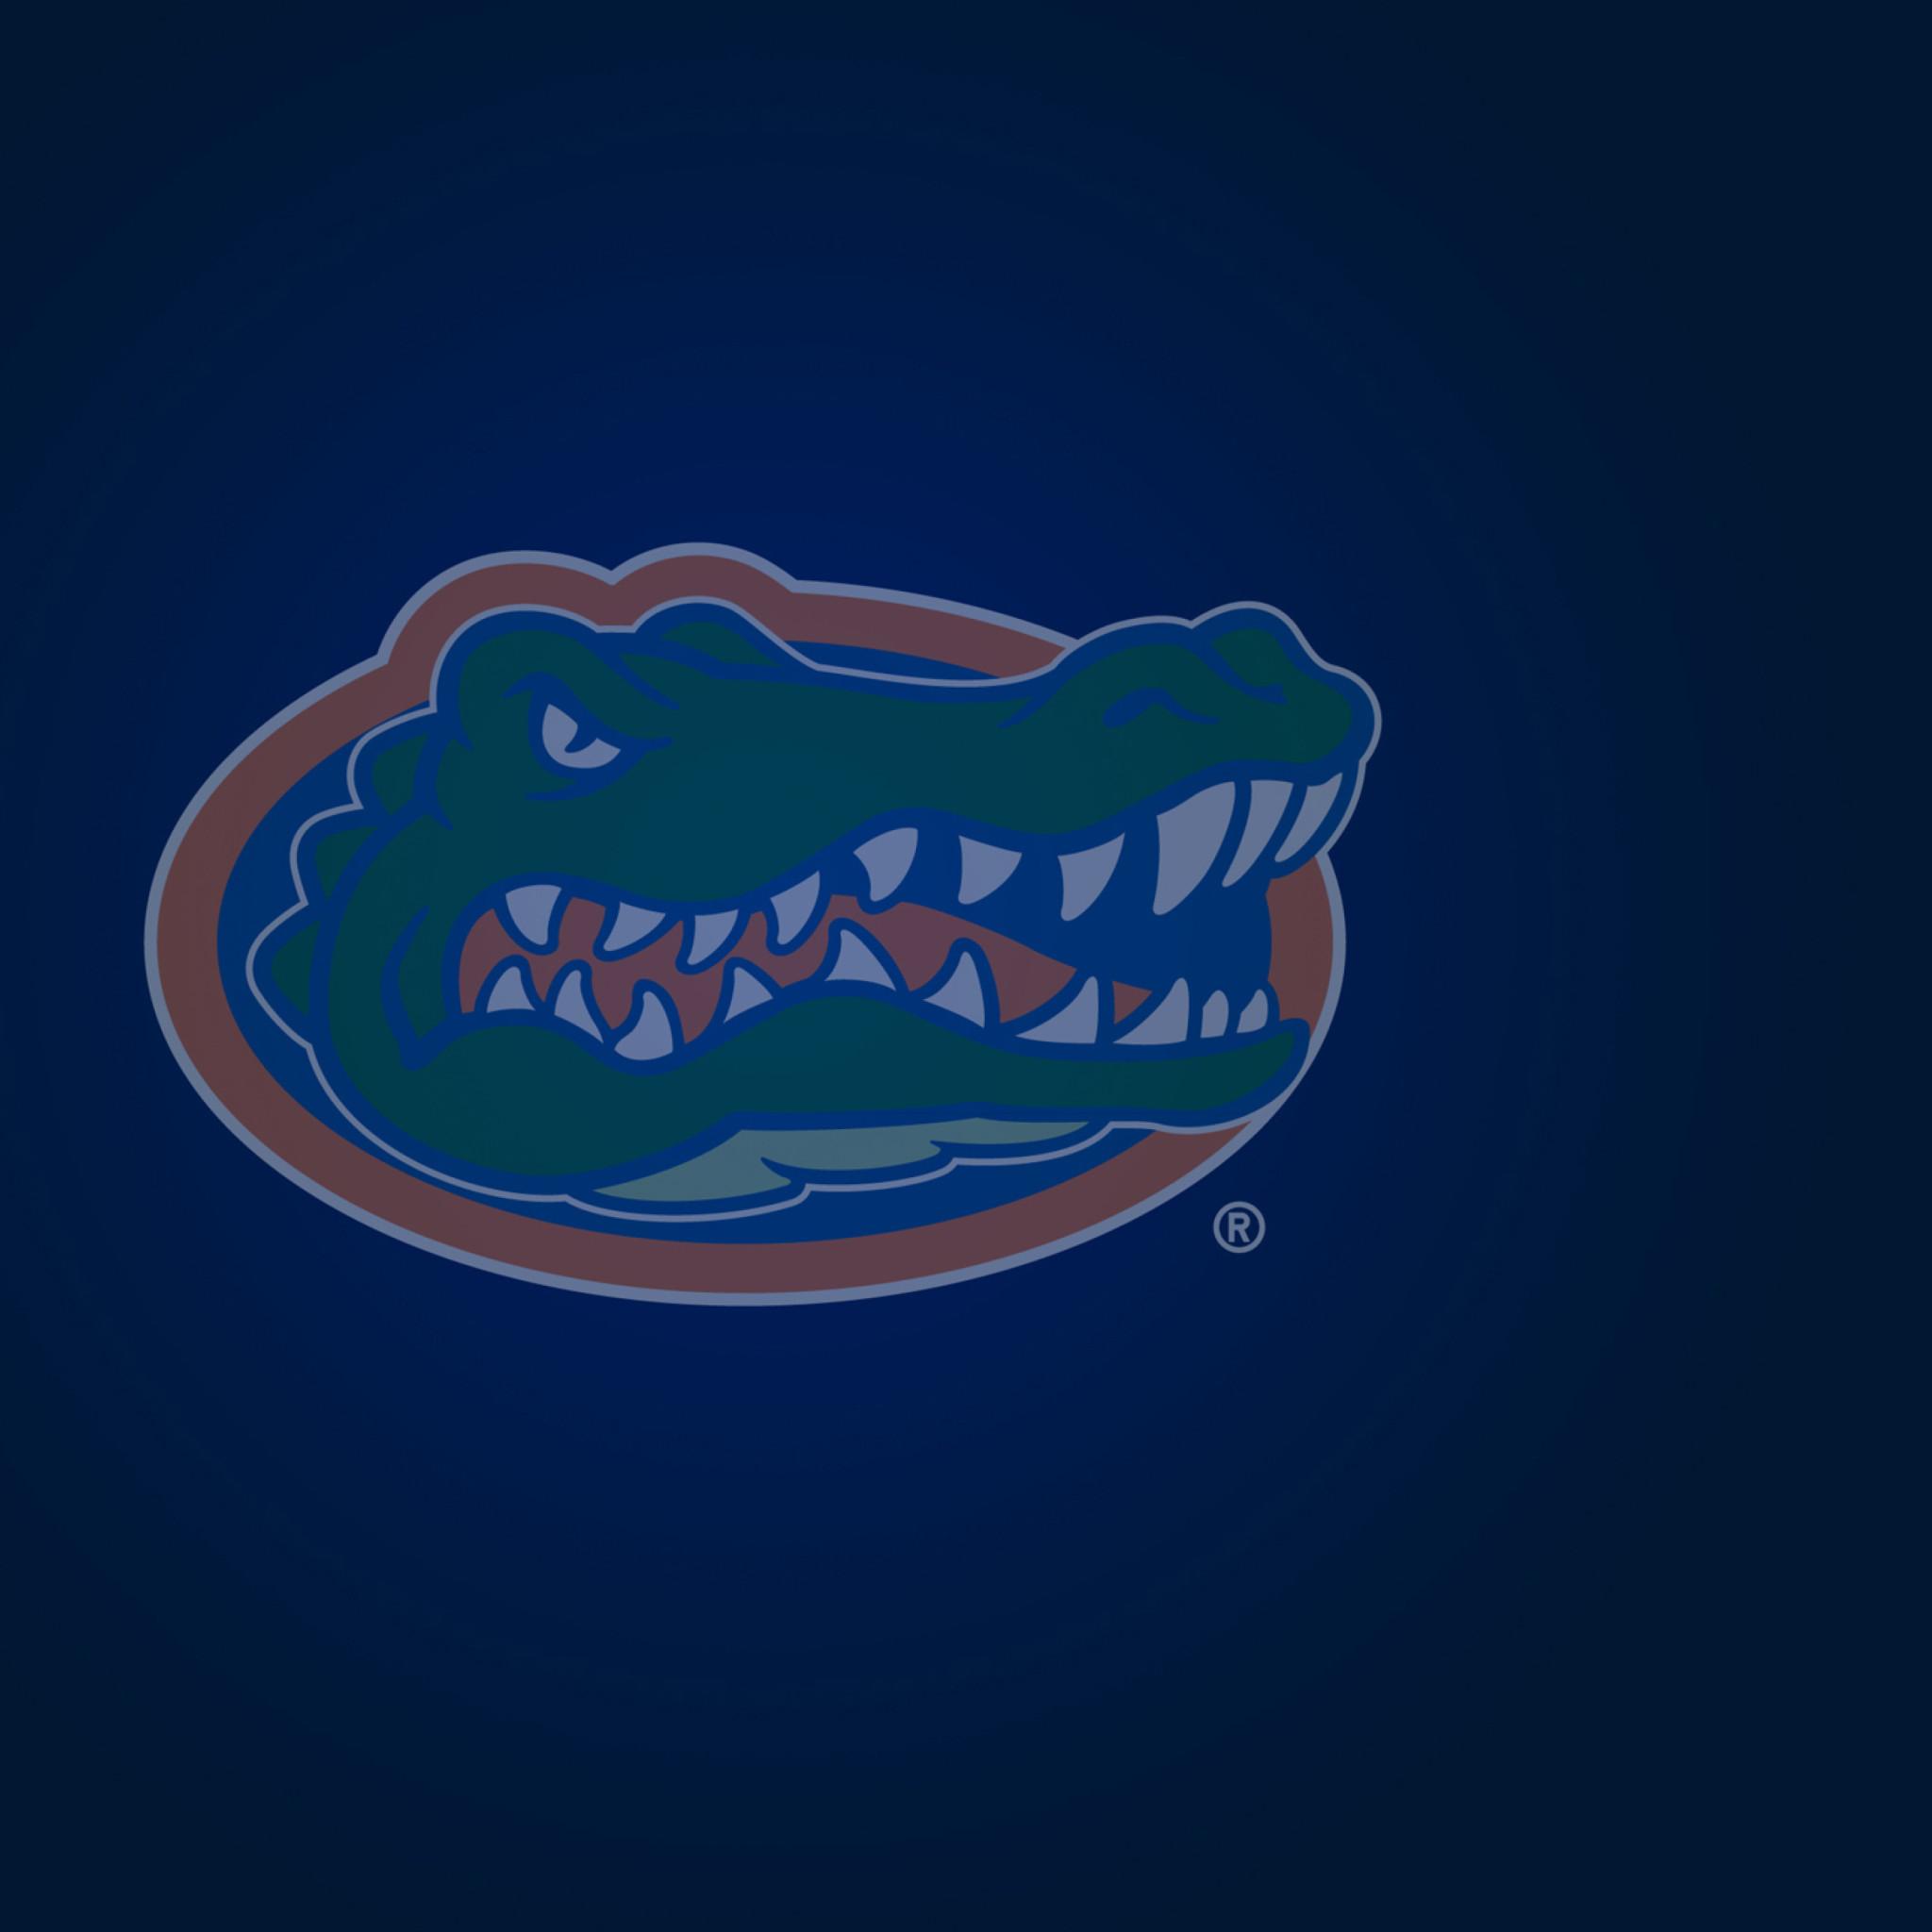 Florida gators wallpaper hd